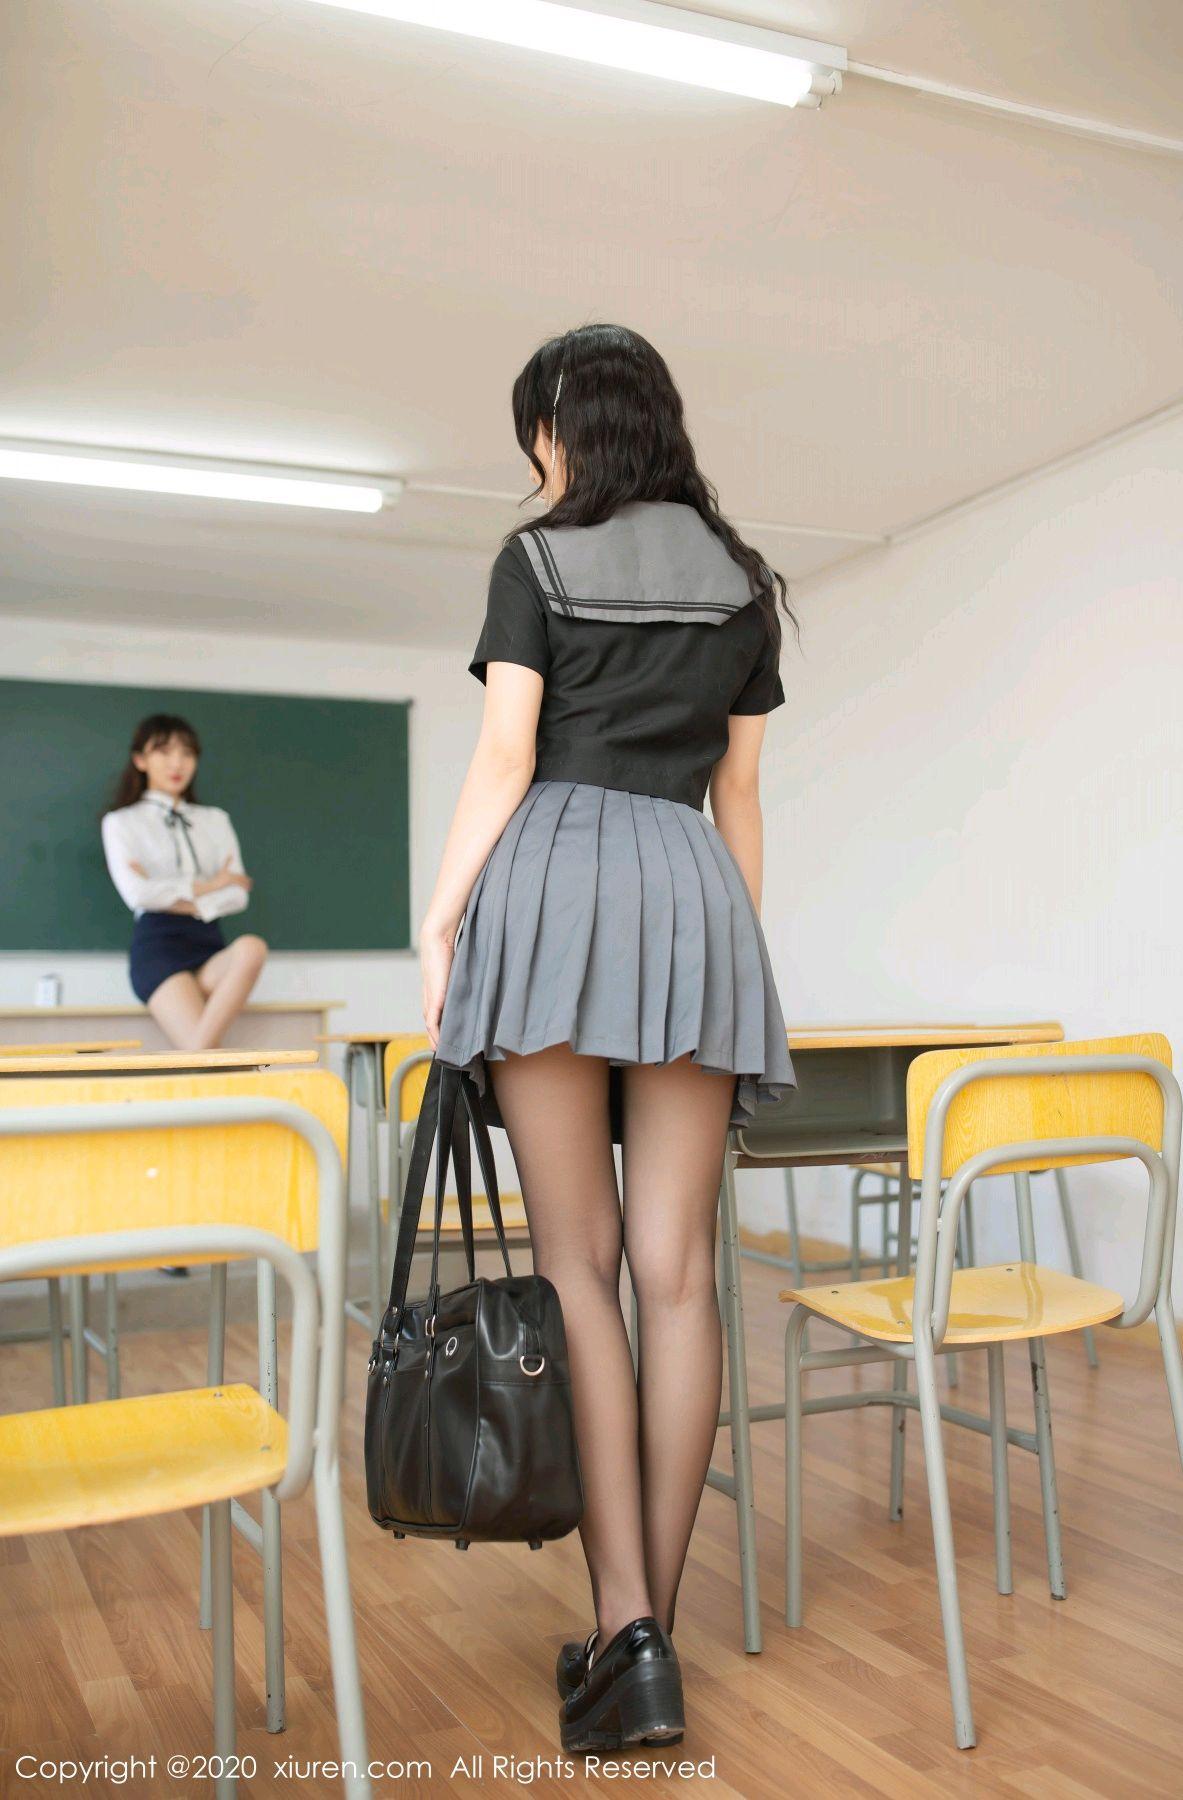 [XiuRen] Vol.2420 Chen Xiao Miao and Lu Xuan Xuan 4P, Chen Xiao Miao, Lu Xuan Xuan, School Uniform, Sisters, Xiuren